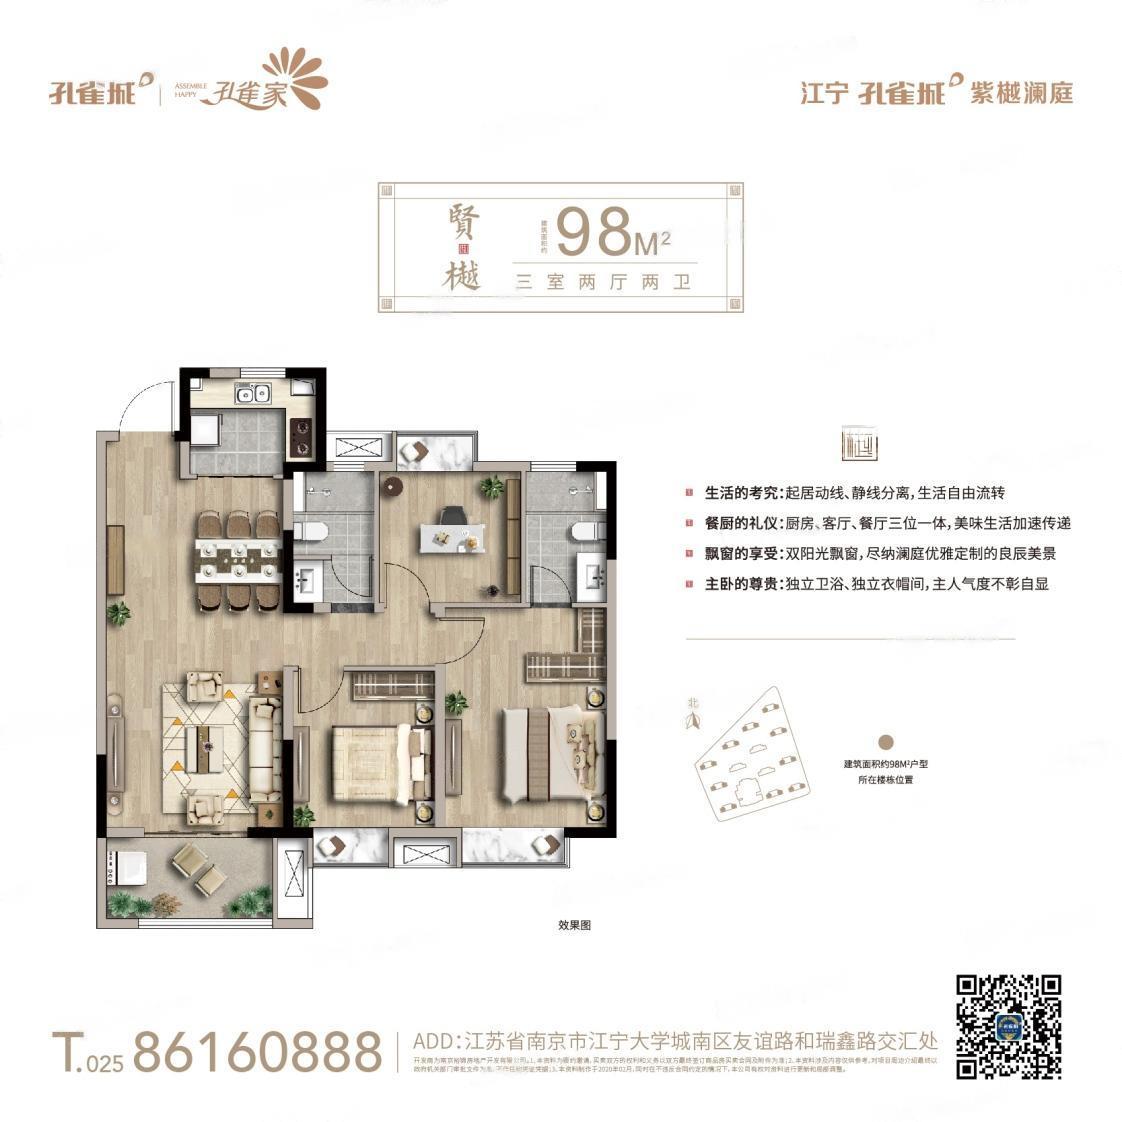 江宁孔雀城紫樾澜庭  3室2厅1厨2卫